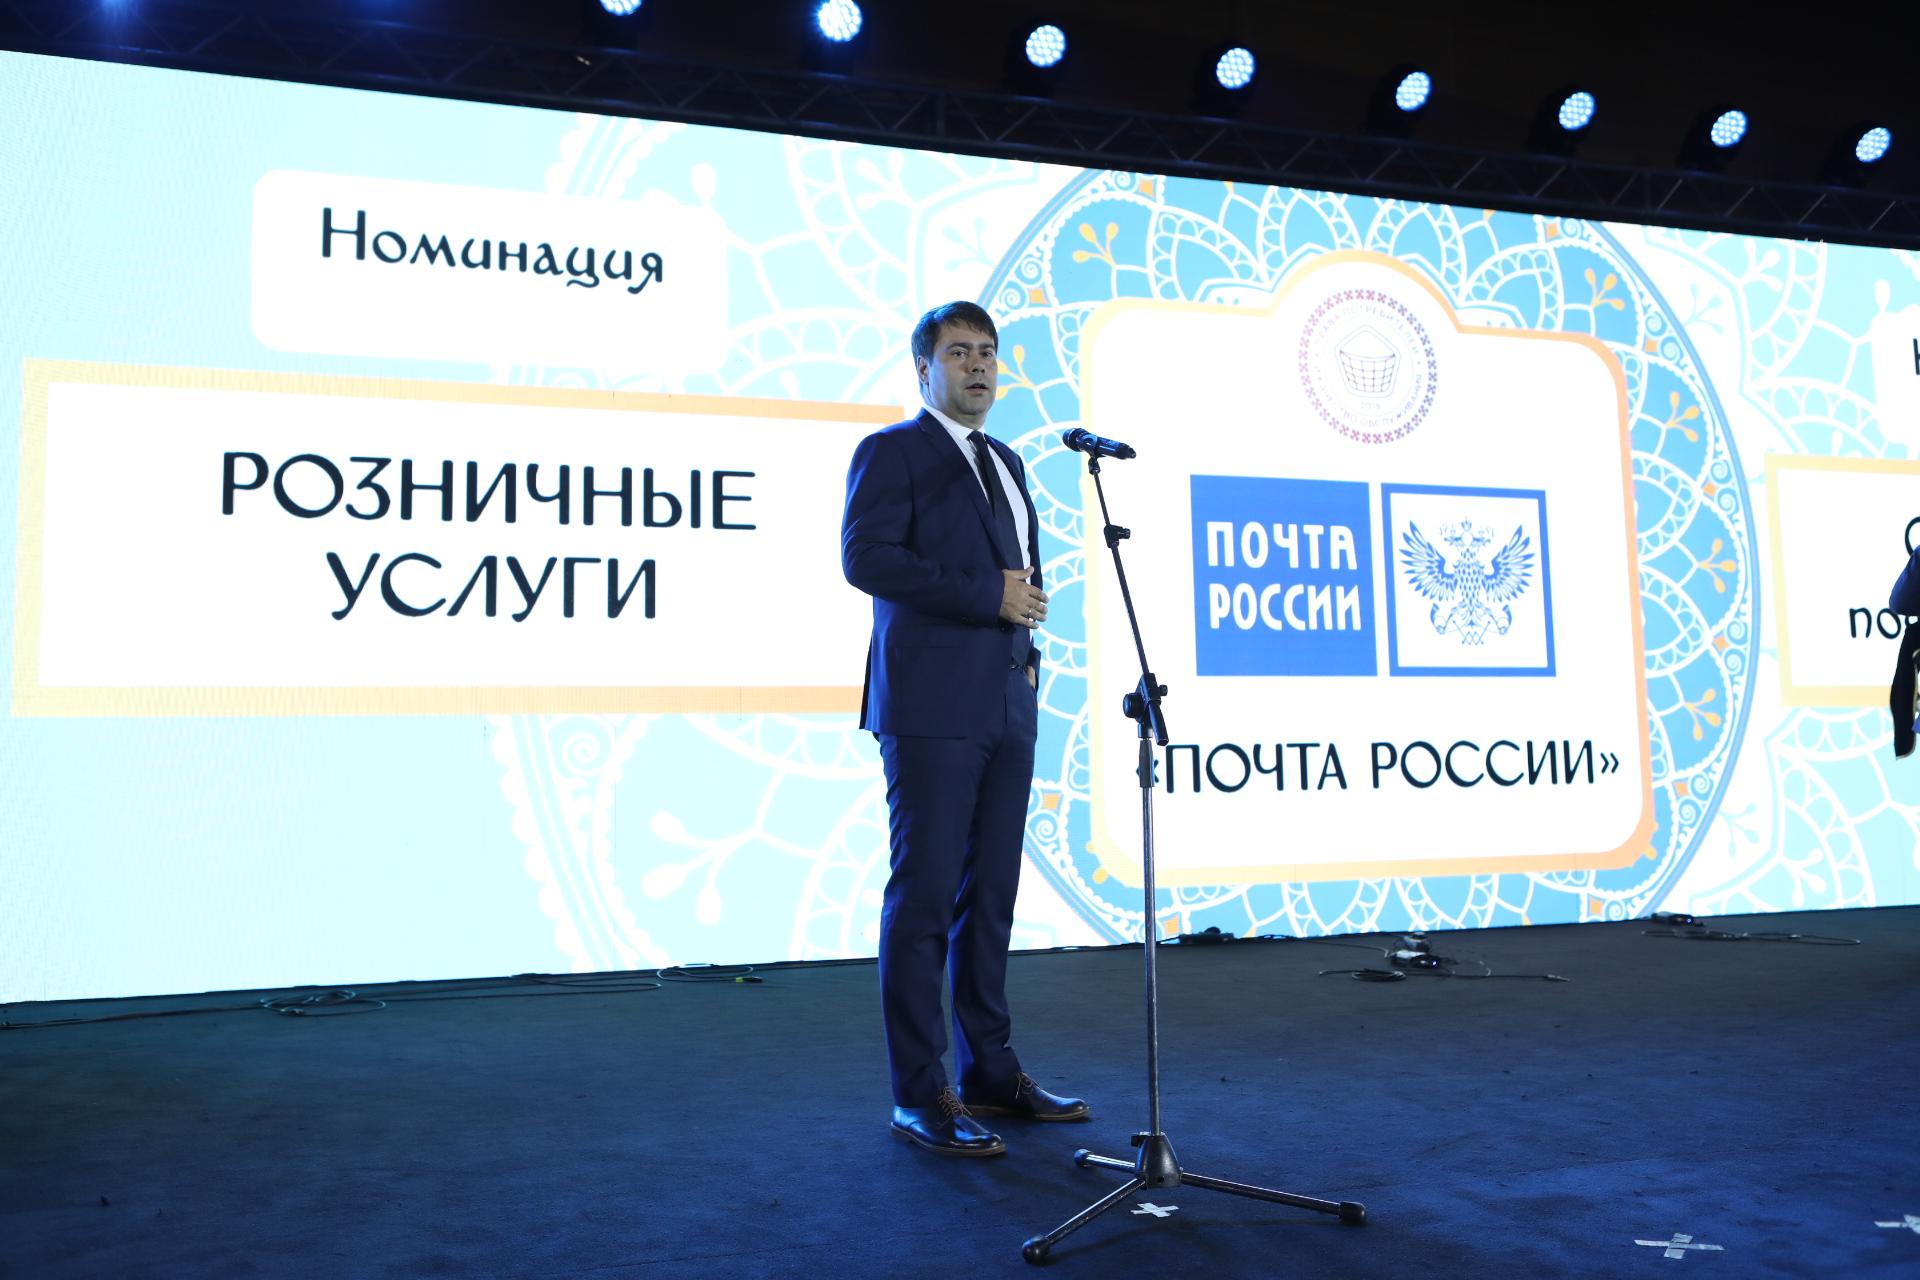 Андрей Чернуха, Почта России